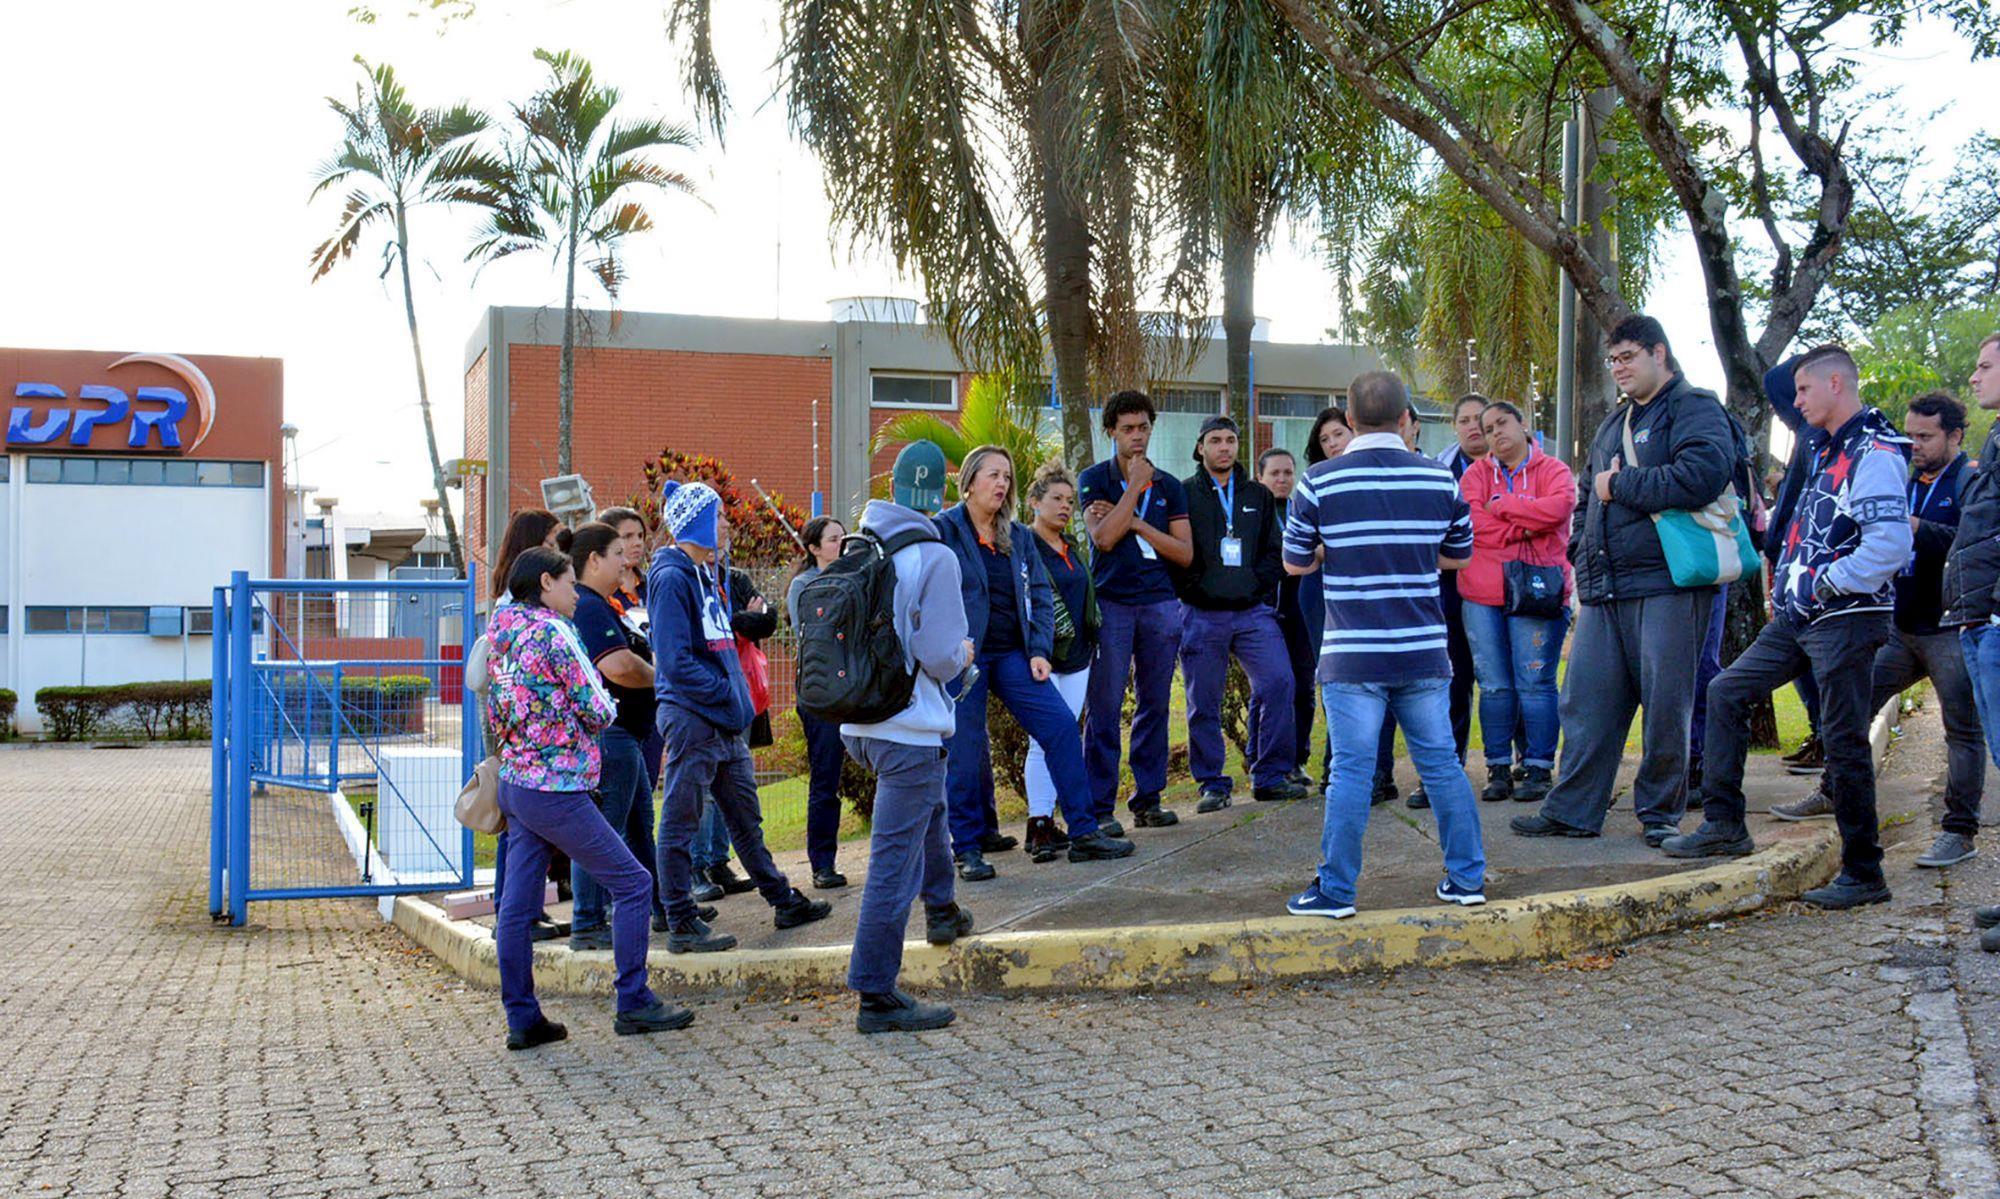 dpr, assembleia, folga, ppr, smetal,, Foguinho/Imprensa SMetal